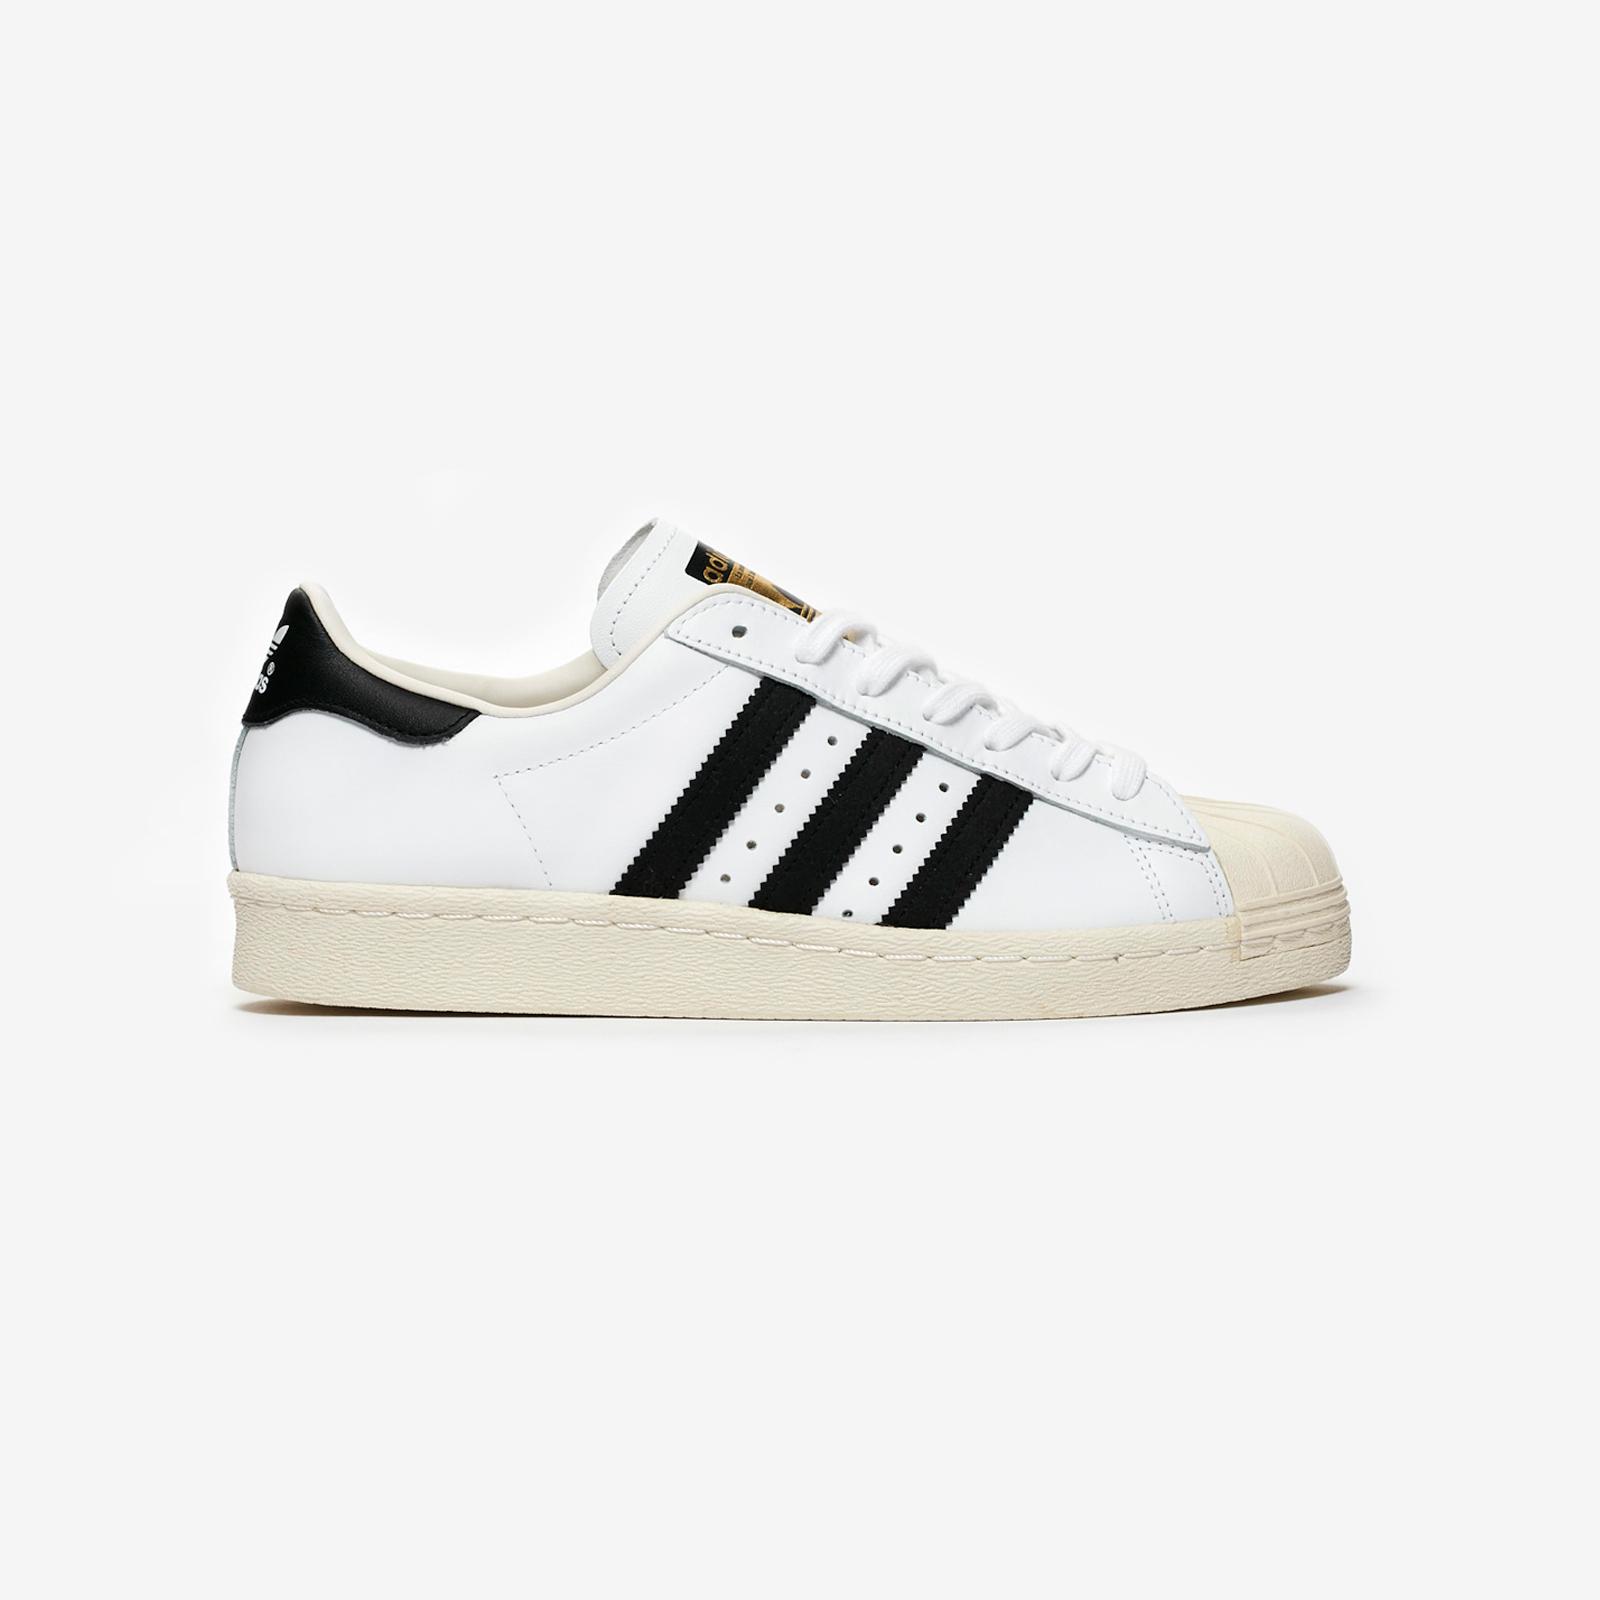 adidas Superstar 80s - G61070 - SNS | sneakers & streetwear online ...